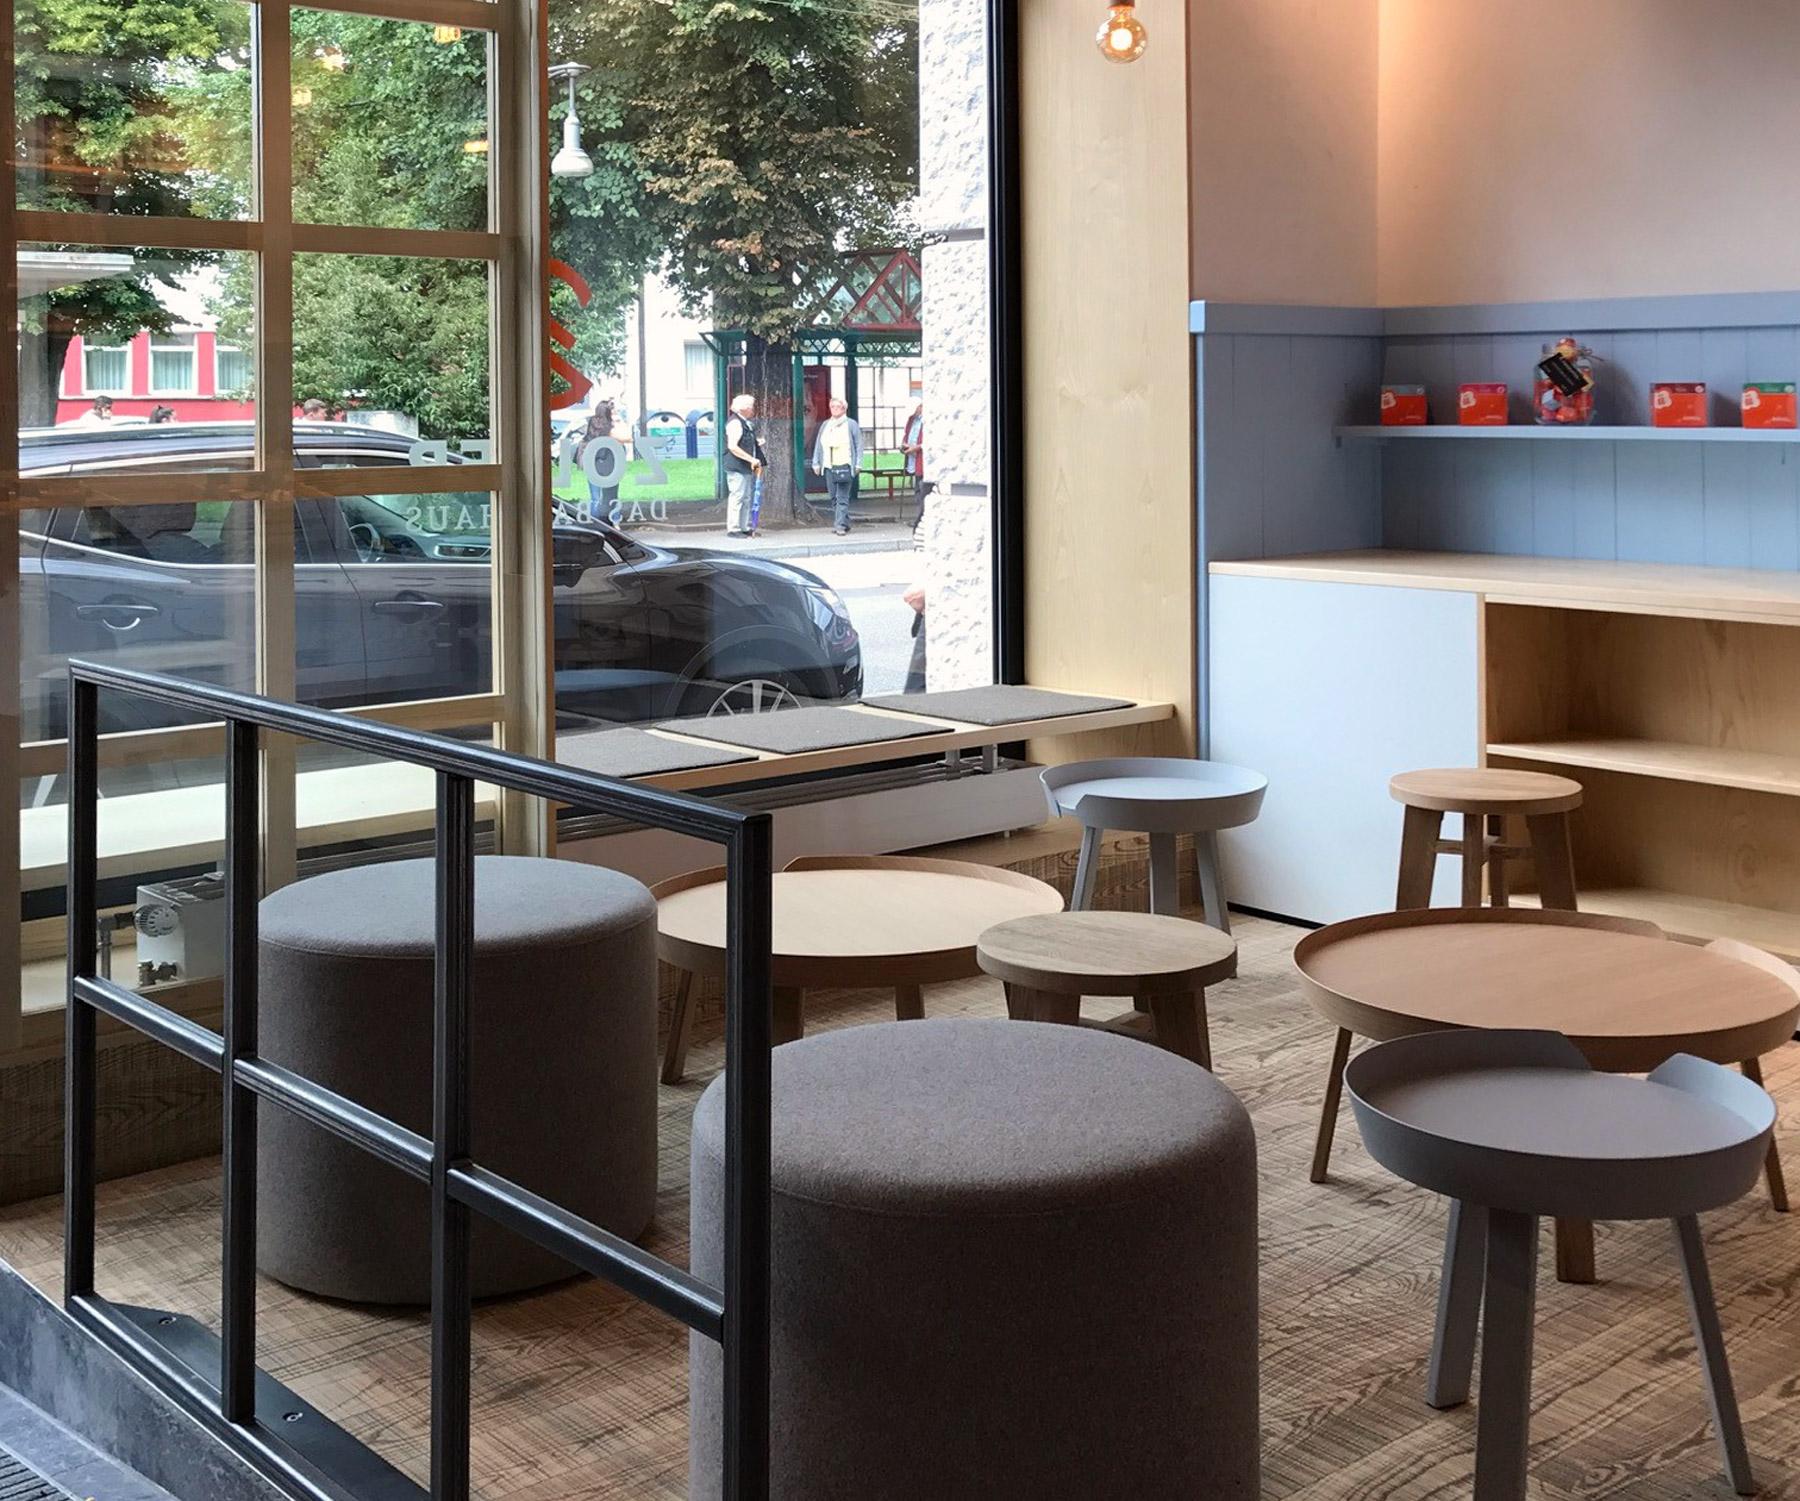 Eindrücke des neuen Backhaus Zoller Fachgeschäfts in der Charlottenstraße